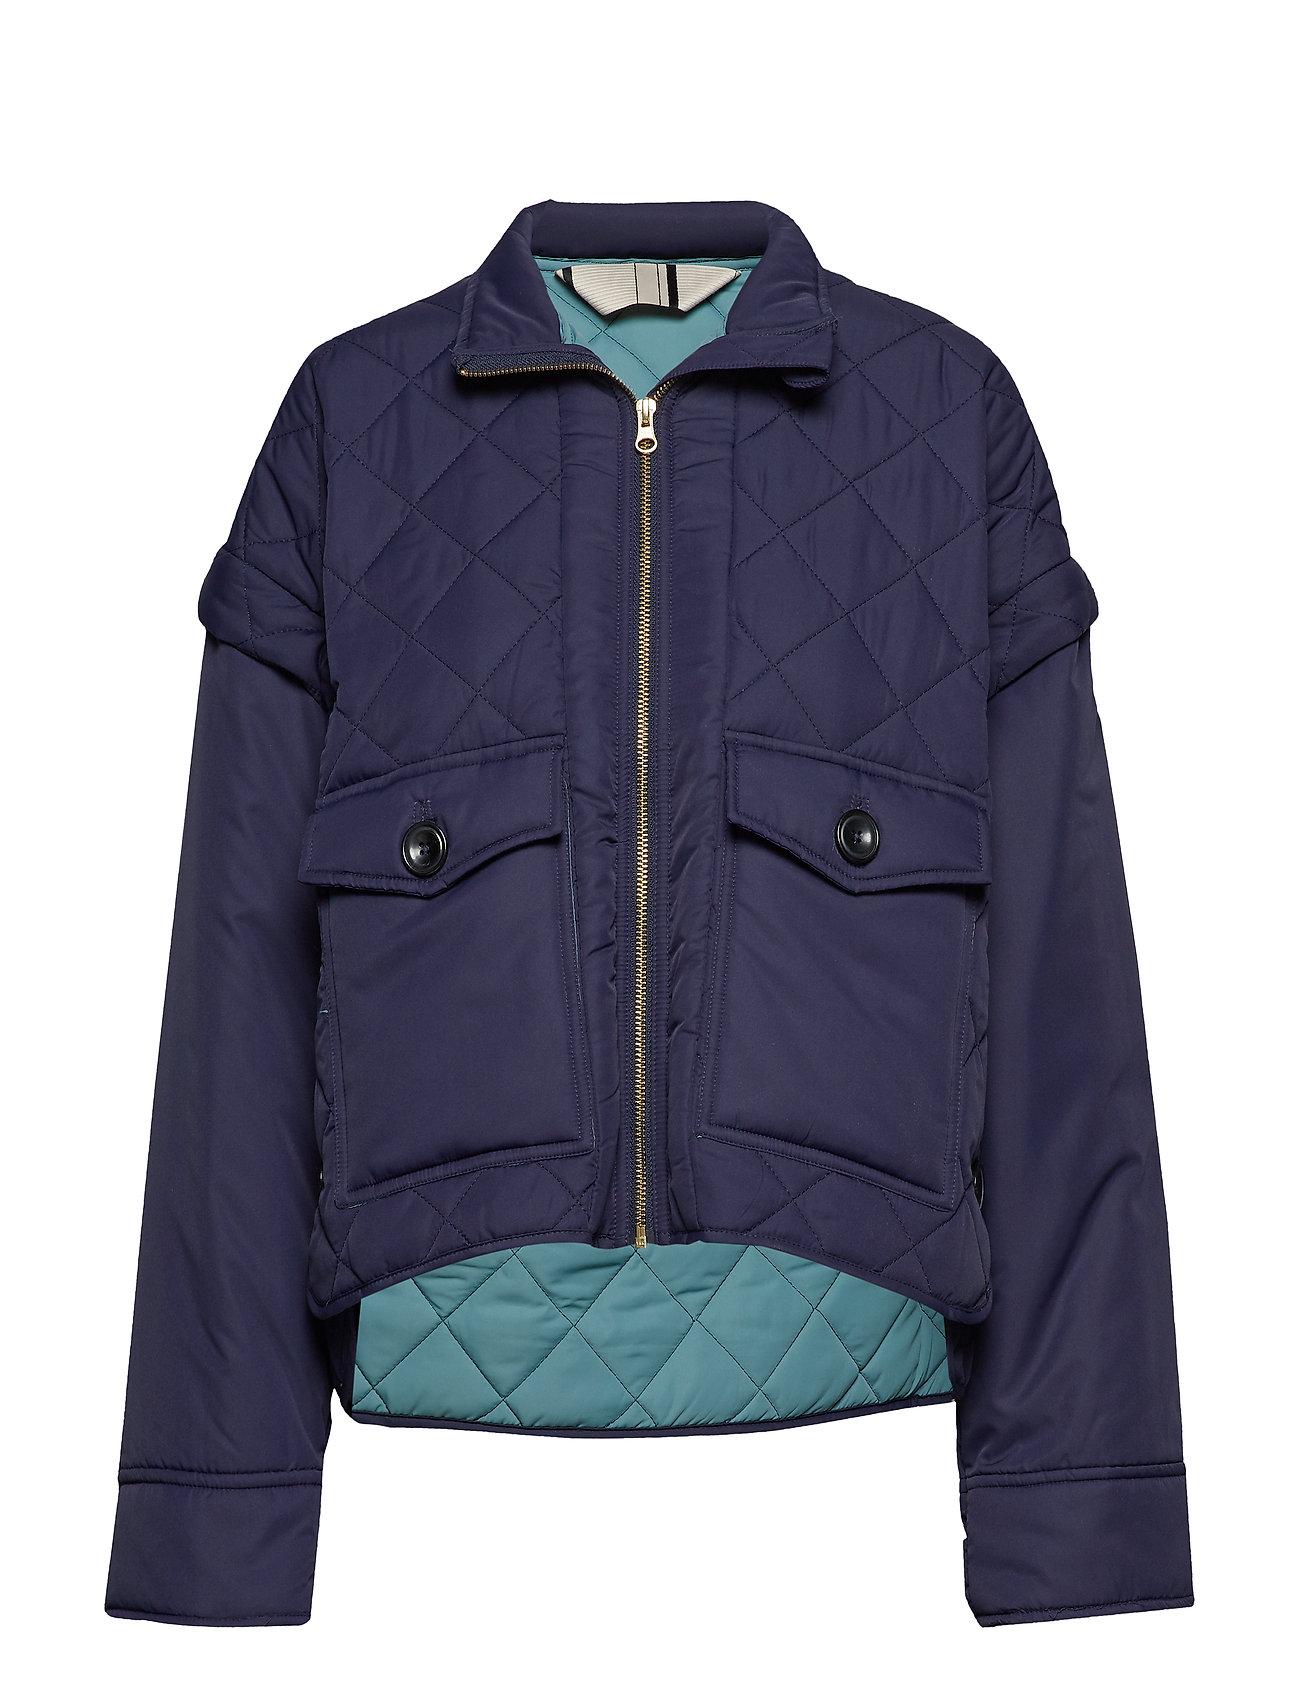 Noa Noa Light outerwear - PEACOAT